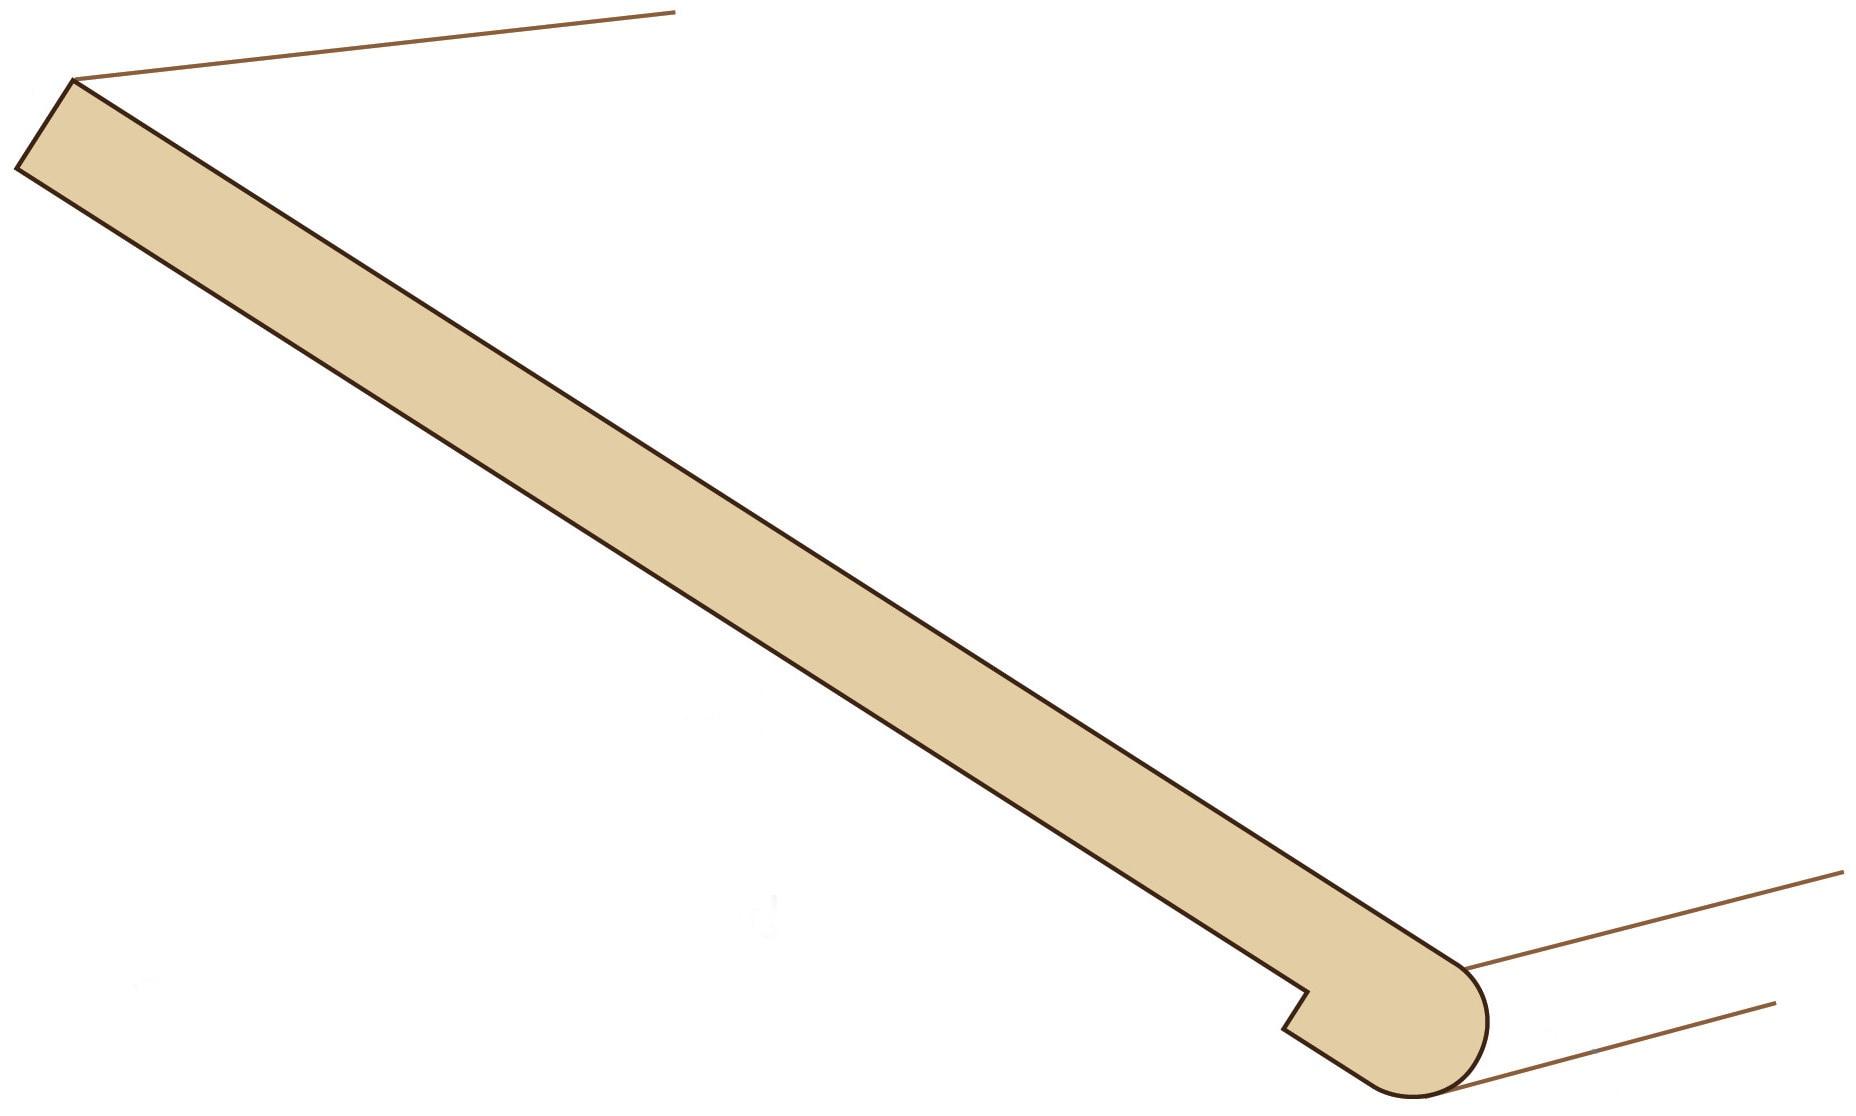 """Beech / Stair Tread / 36"""" x 11 1/2"""" x 3/4"""" / Semi-Gloss Beech Treads - Collection 0"""